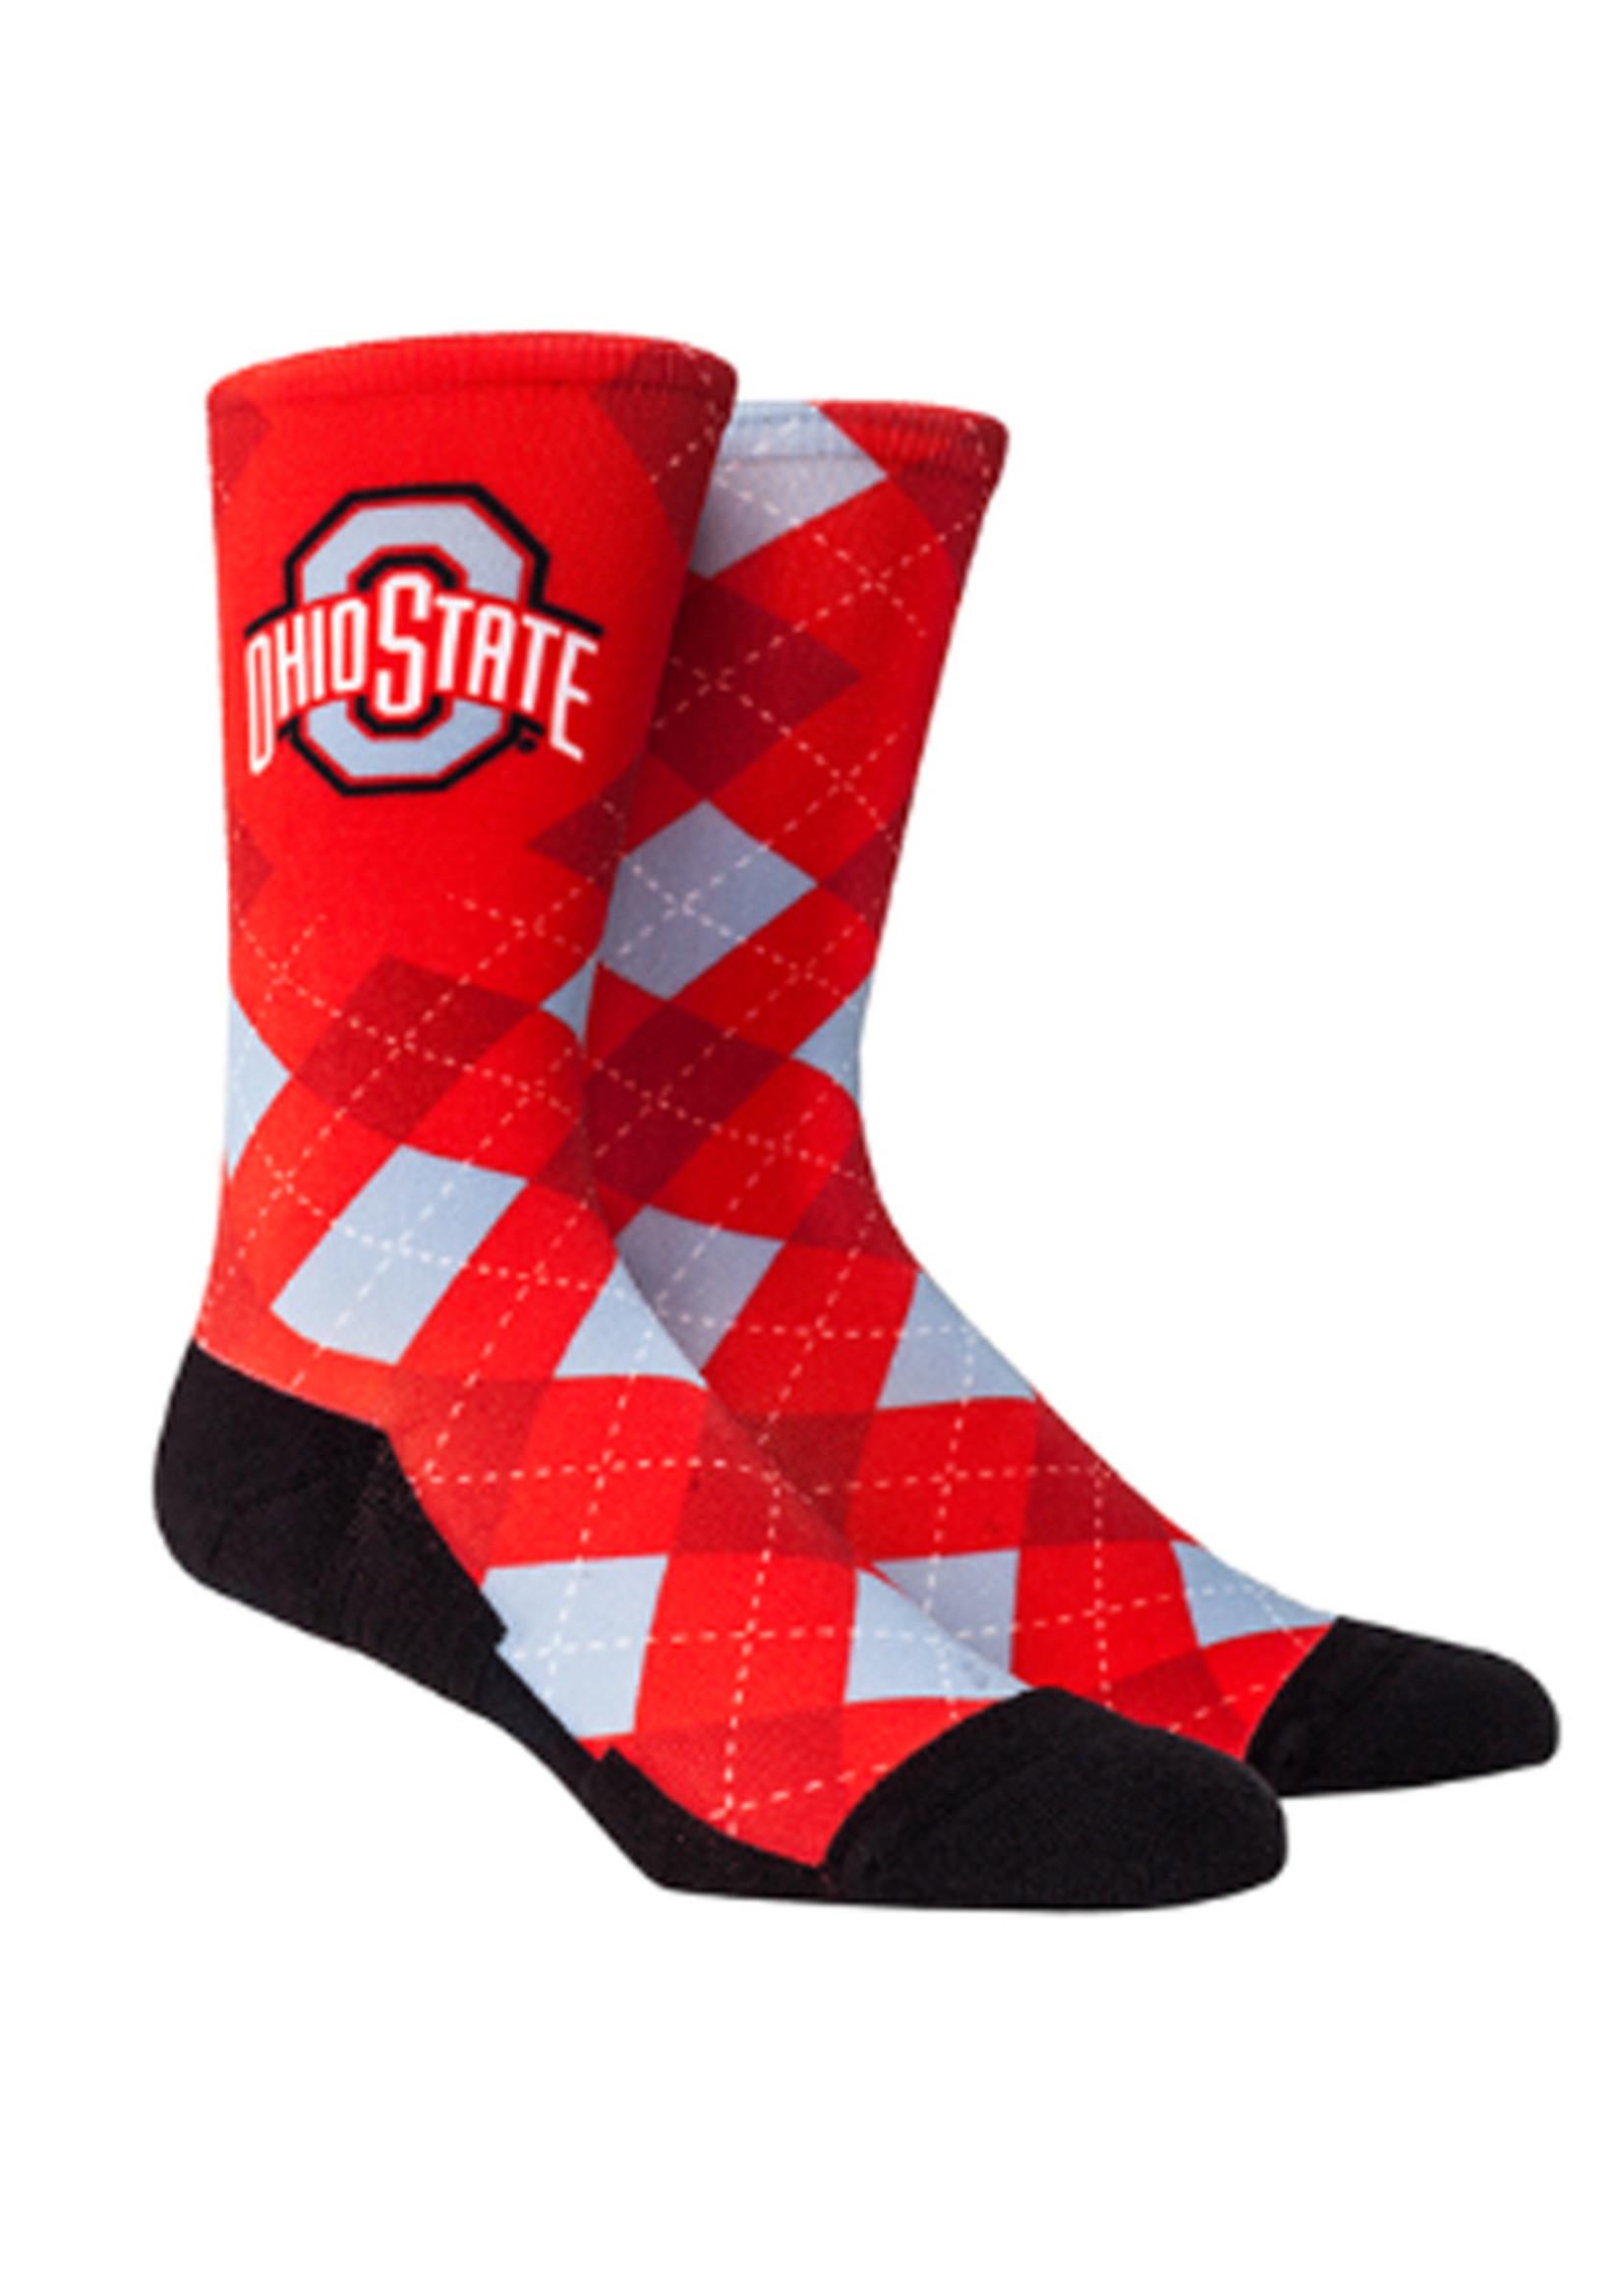 Ohio State Buckeyes HyperOptic Argyle Socks